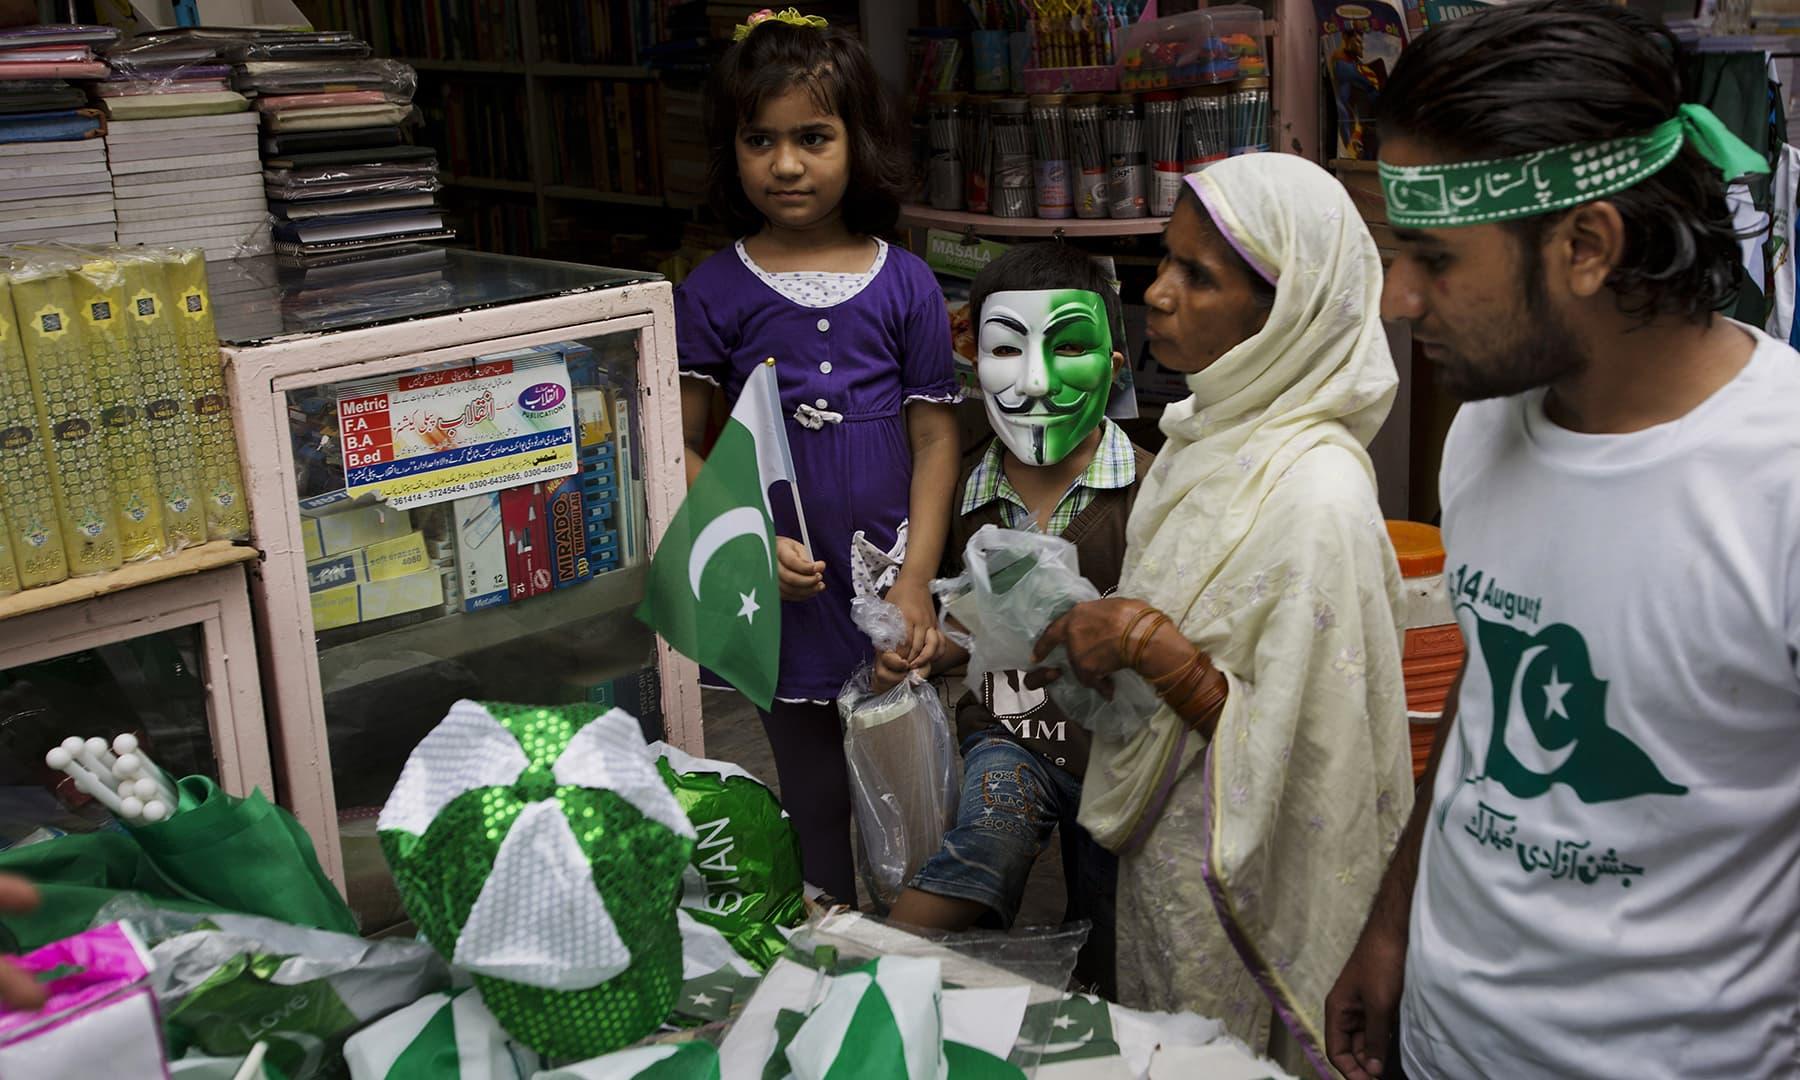 لوگ بڑی تعداد میں یوم آزادی کو منانے کے لیے اسٹالز سے بیچز اور پرچم خرید رہے ہیں — فوٹو اے پی